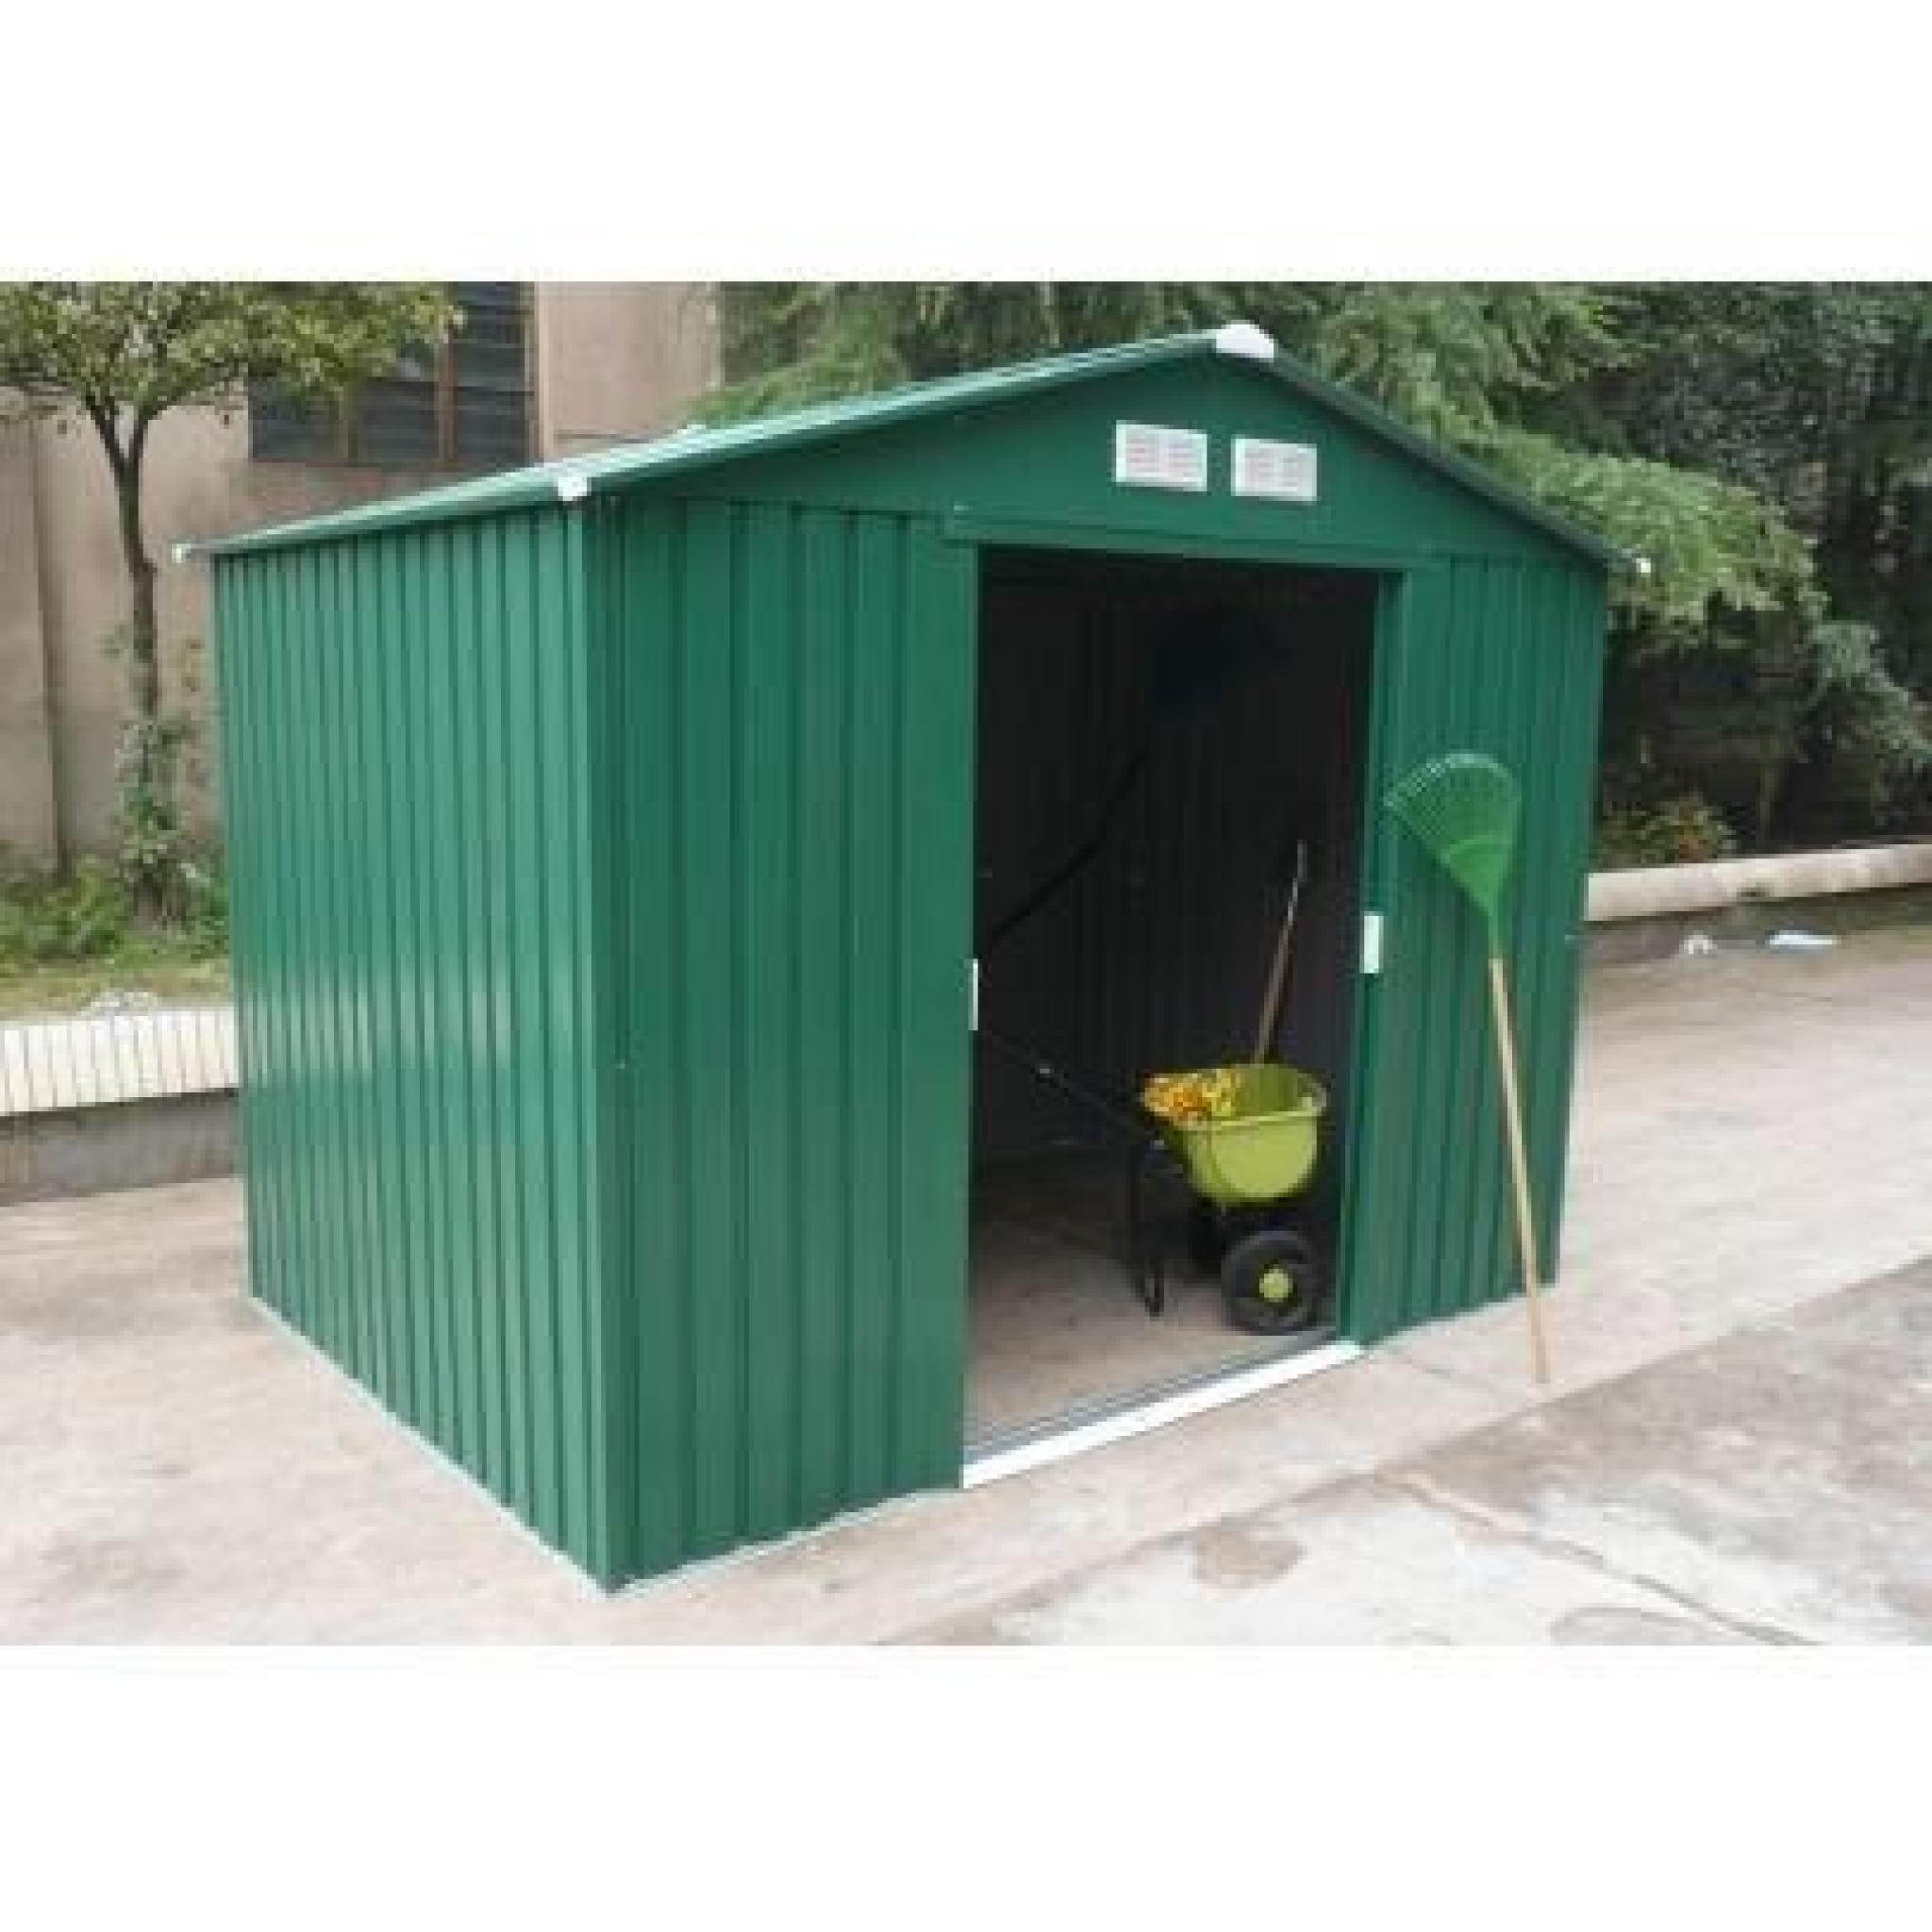 Abri De Jardin En Acier Galvanisé Kiosko - 5.9M² pour Cabane De Jardin Metal Pas Cher